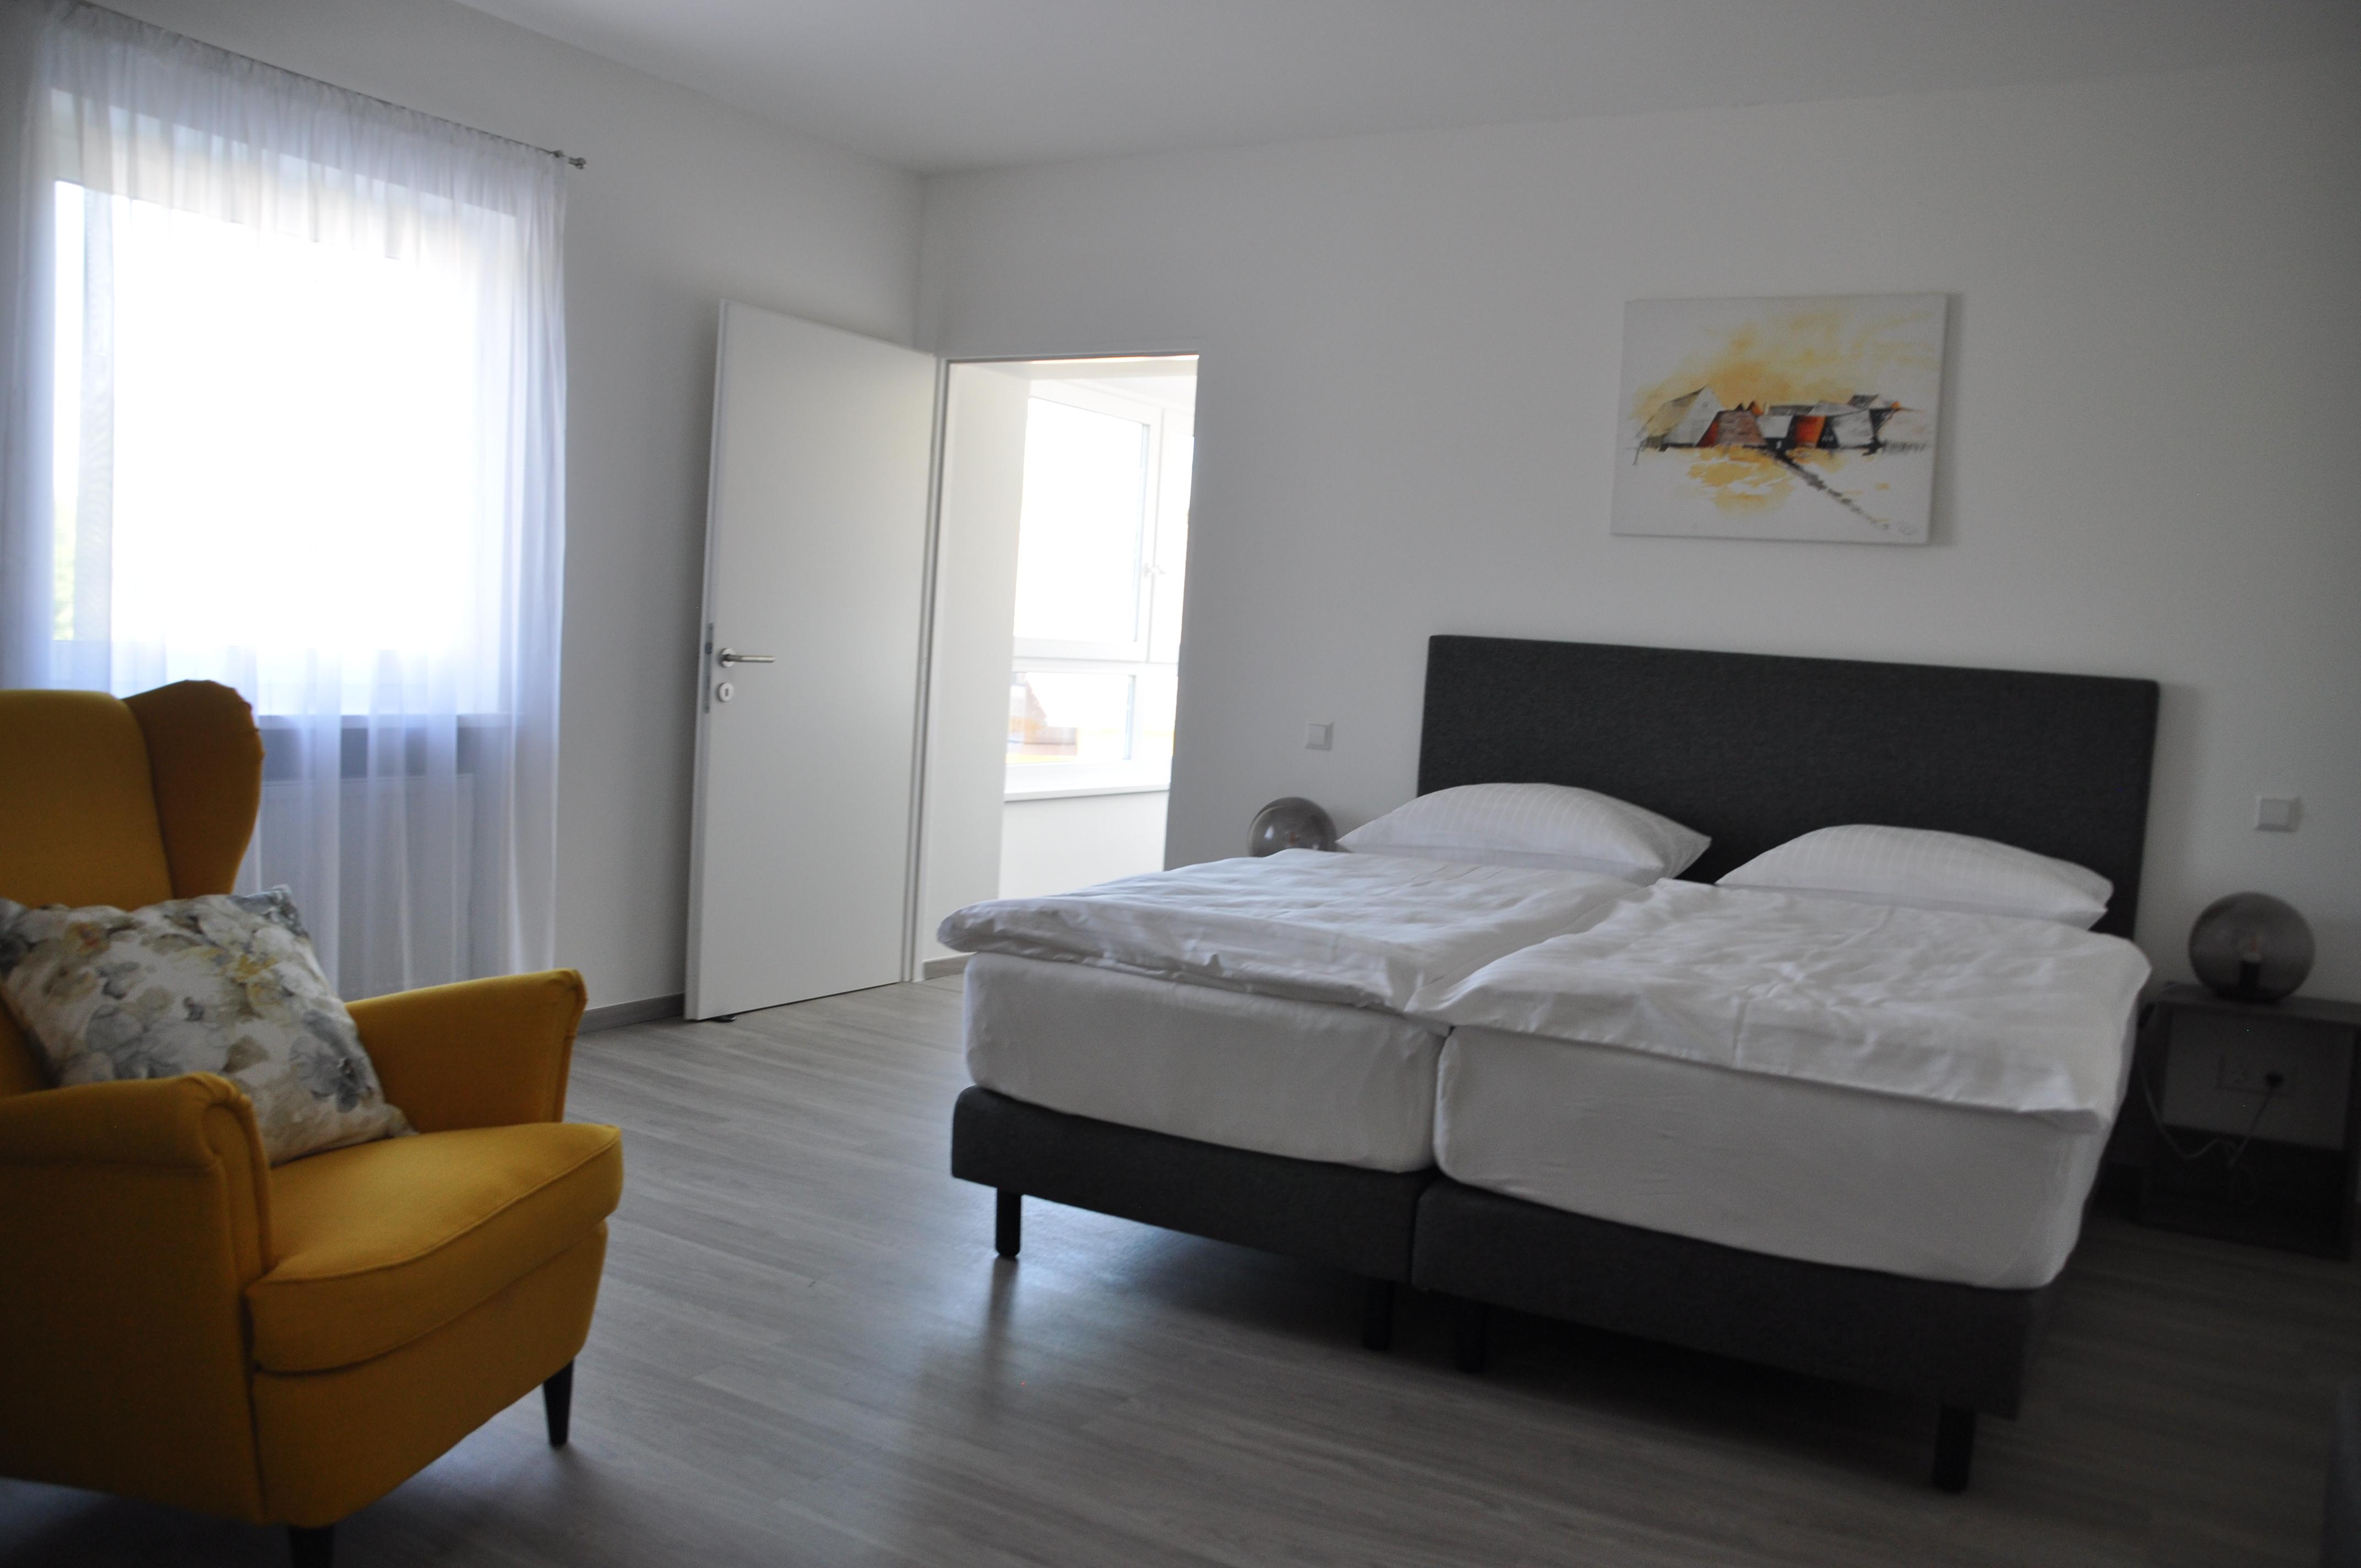 Apartment 1 (11)